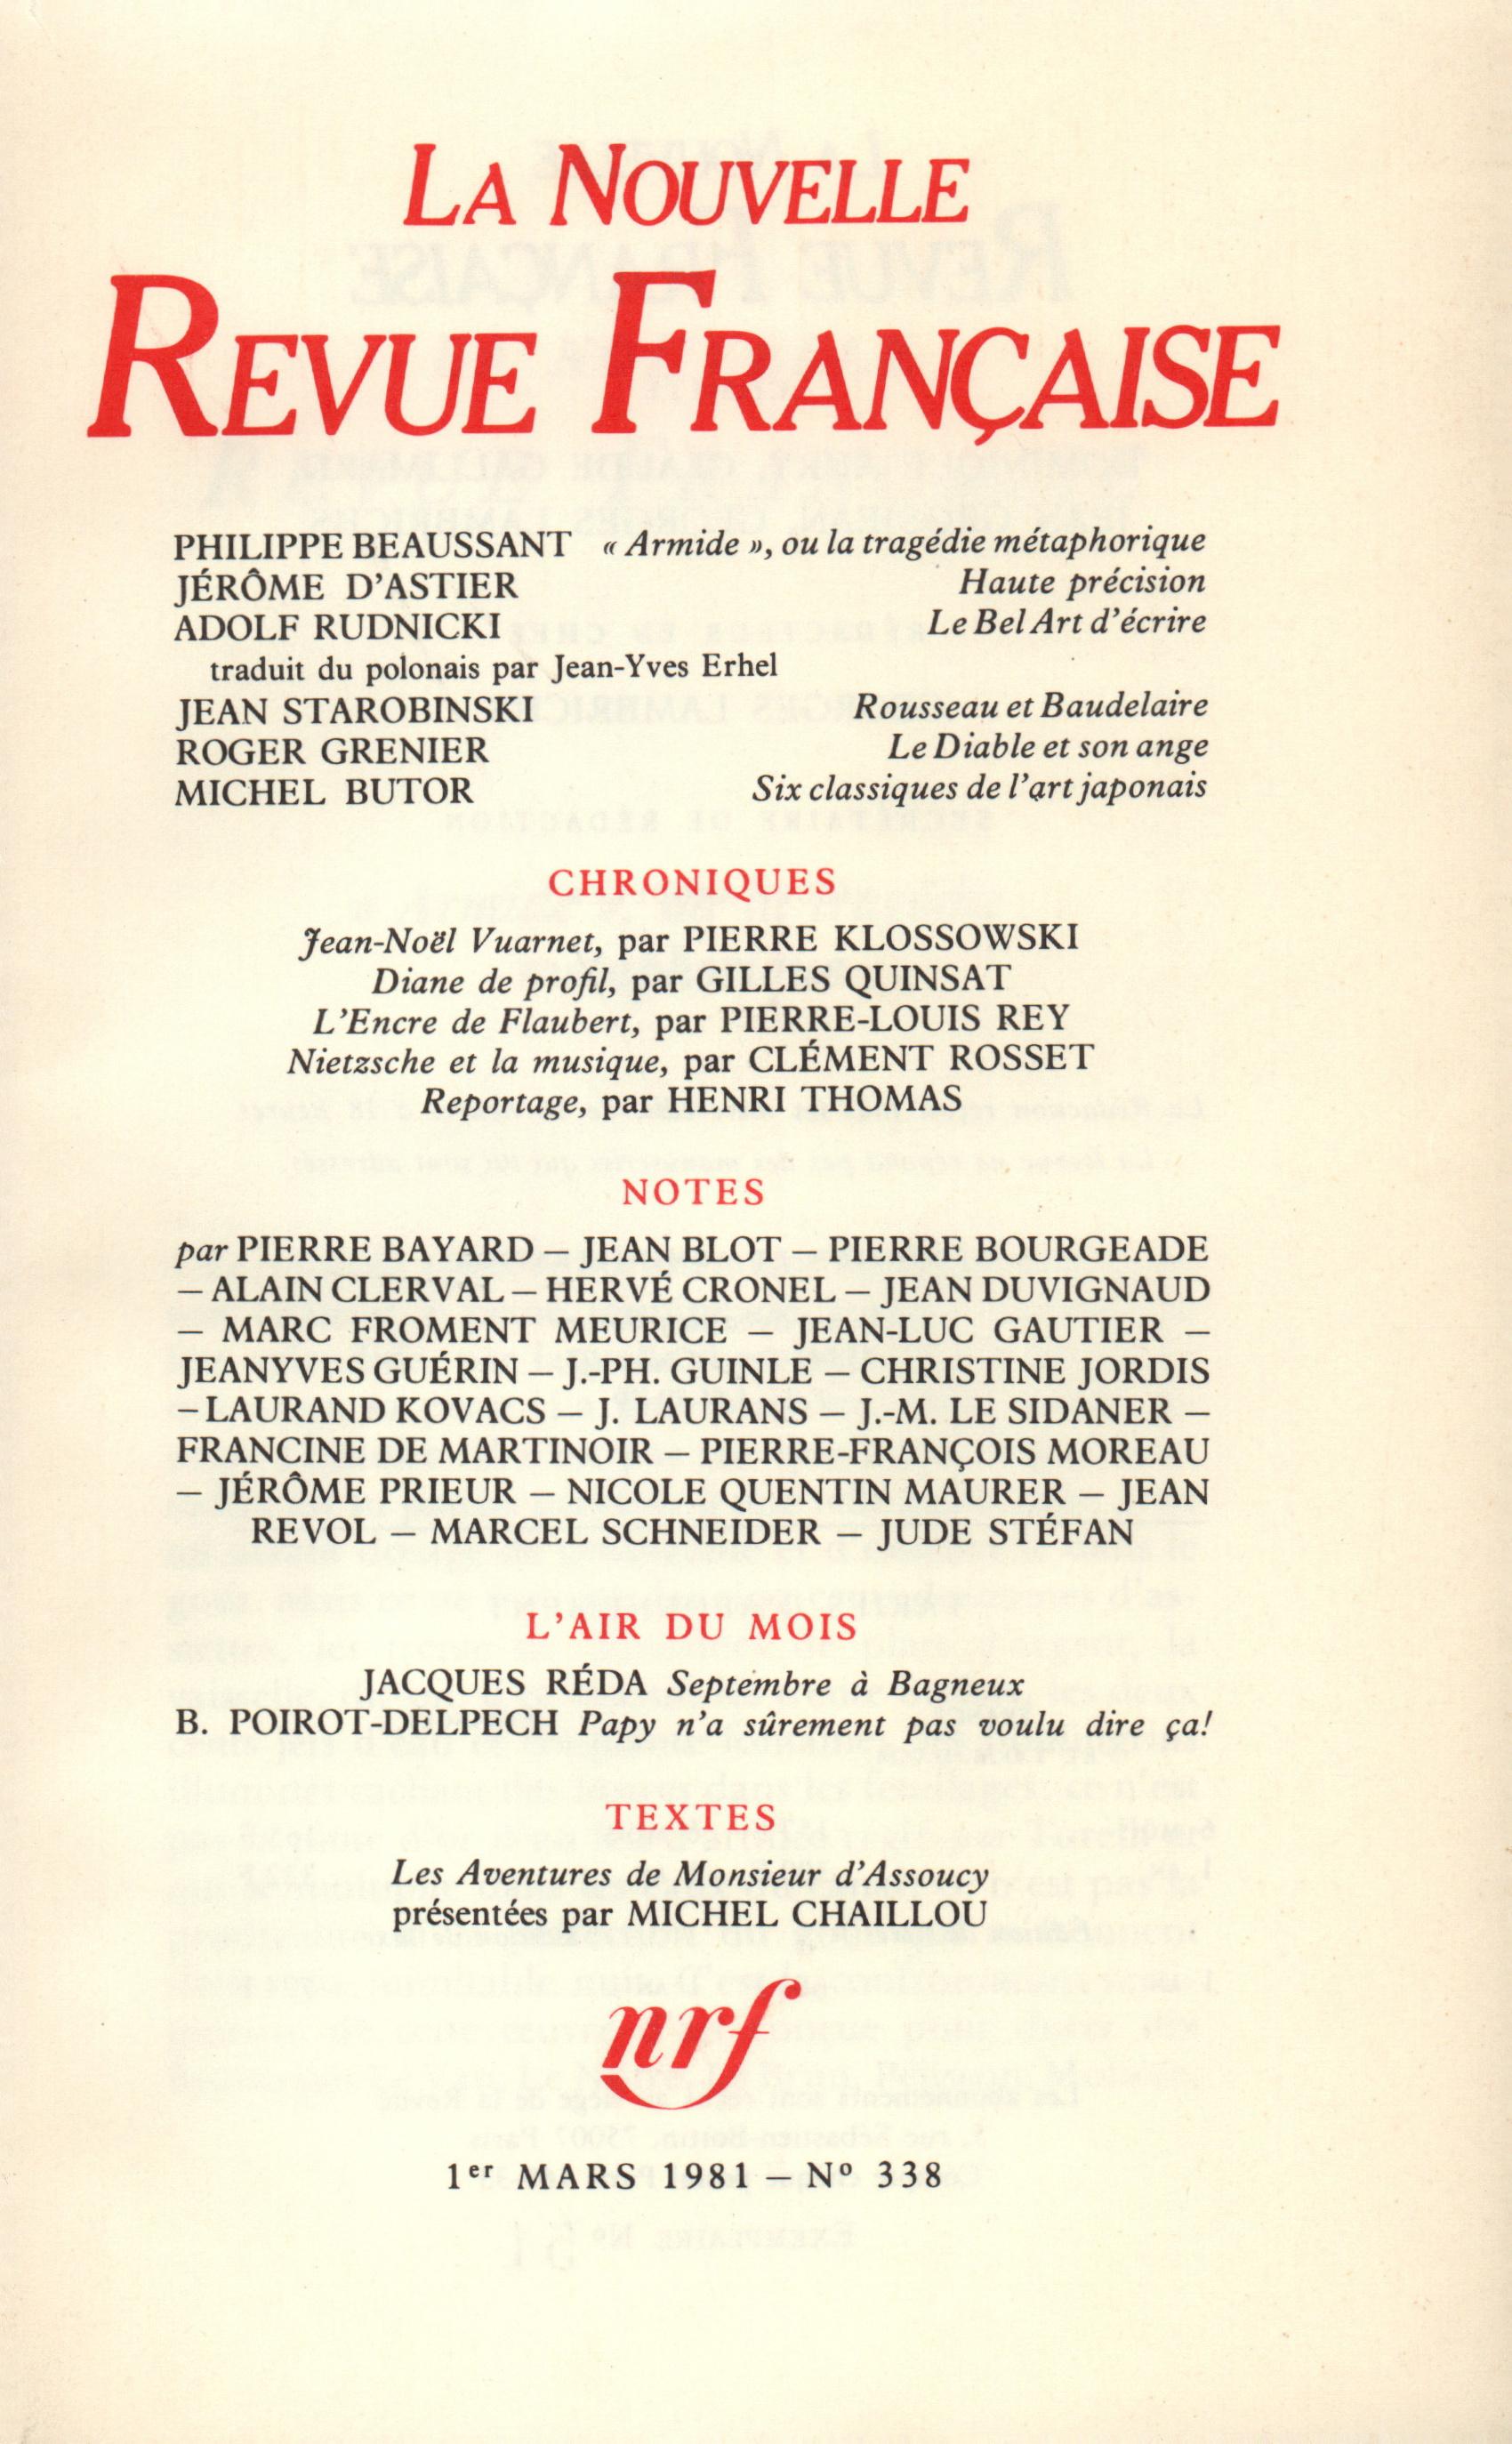 La Nouvelle Revue Française N° 338